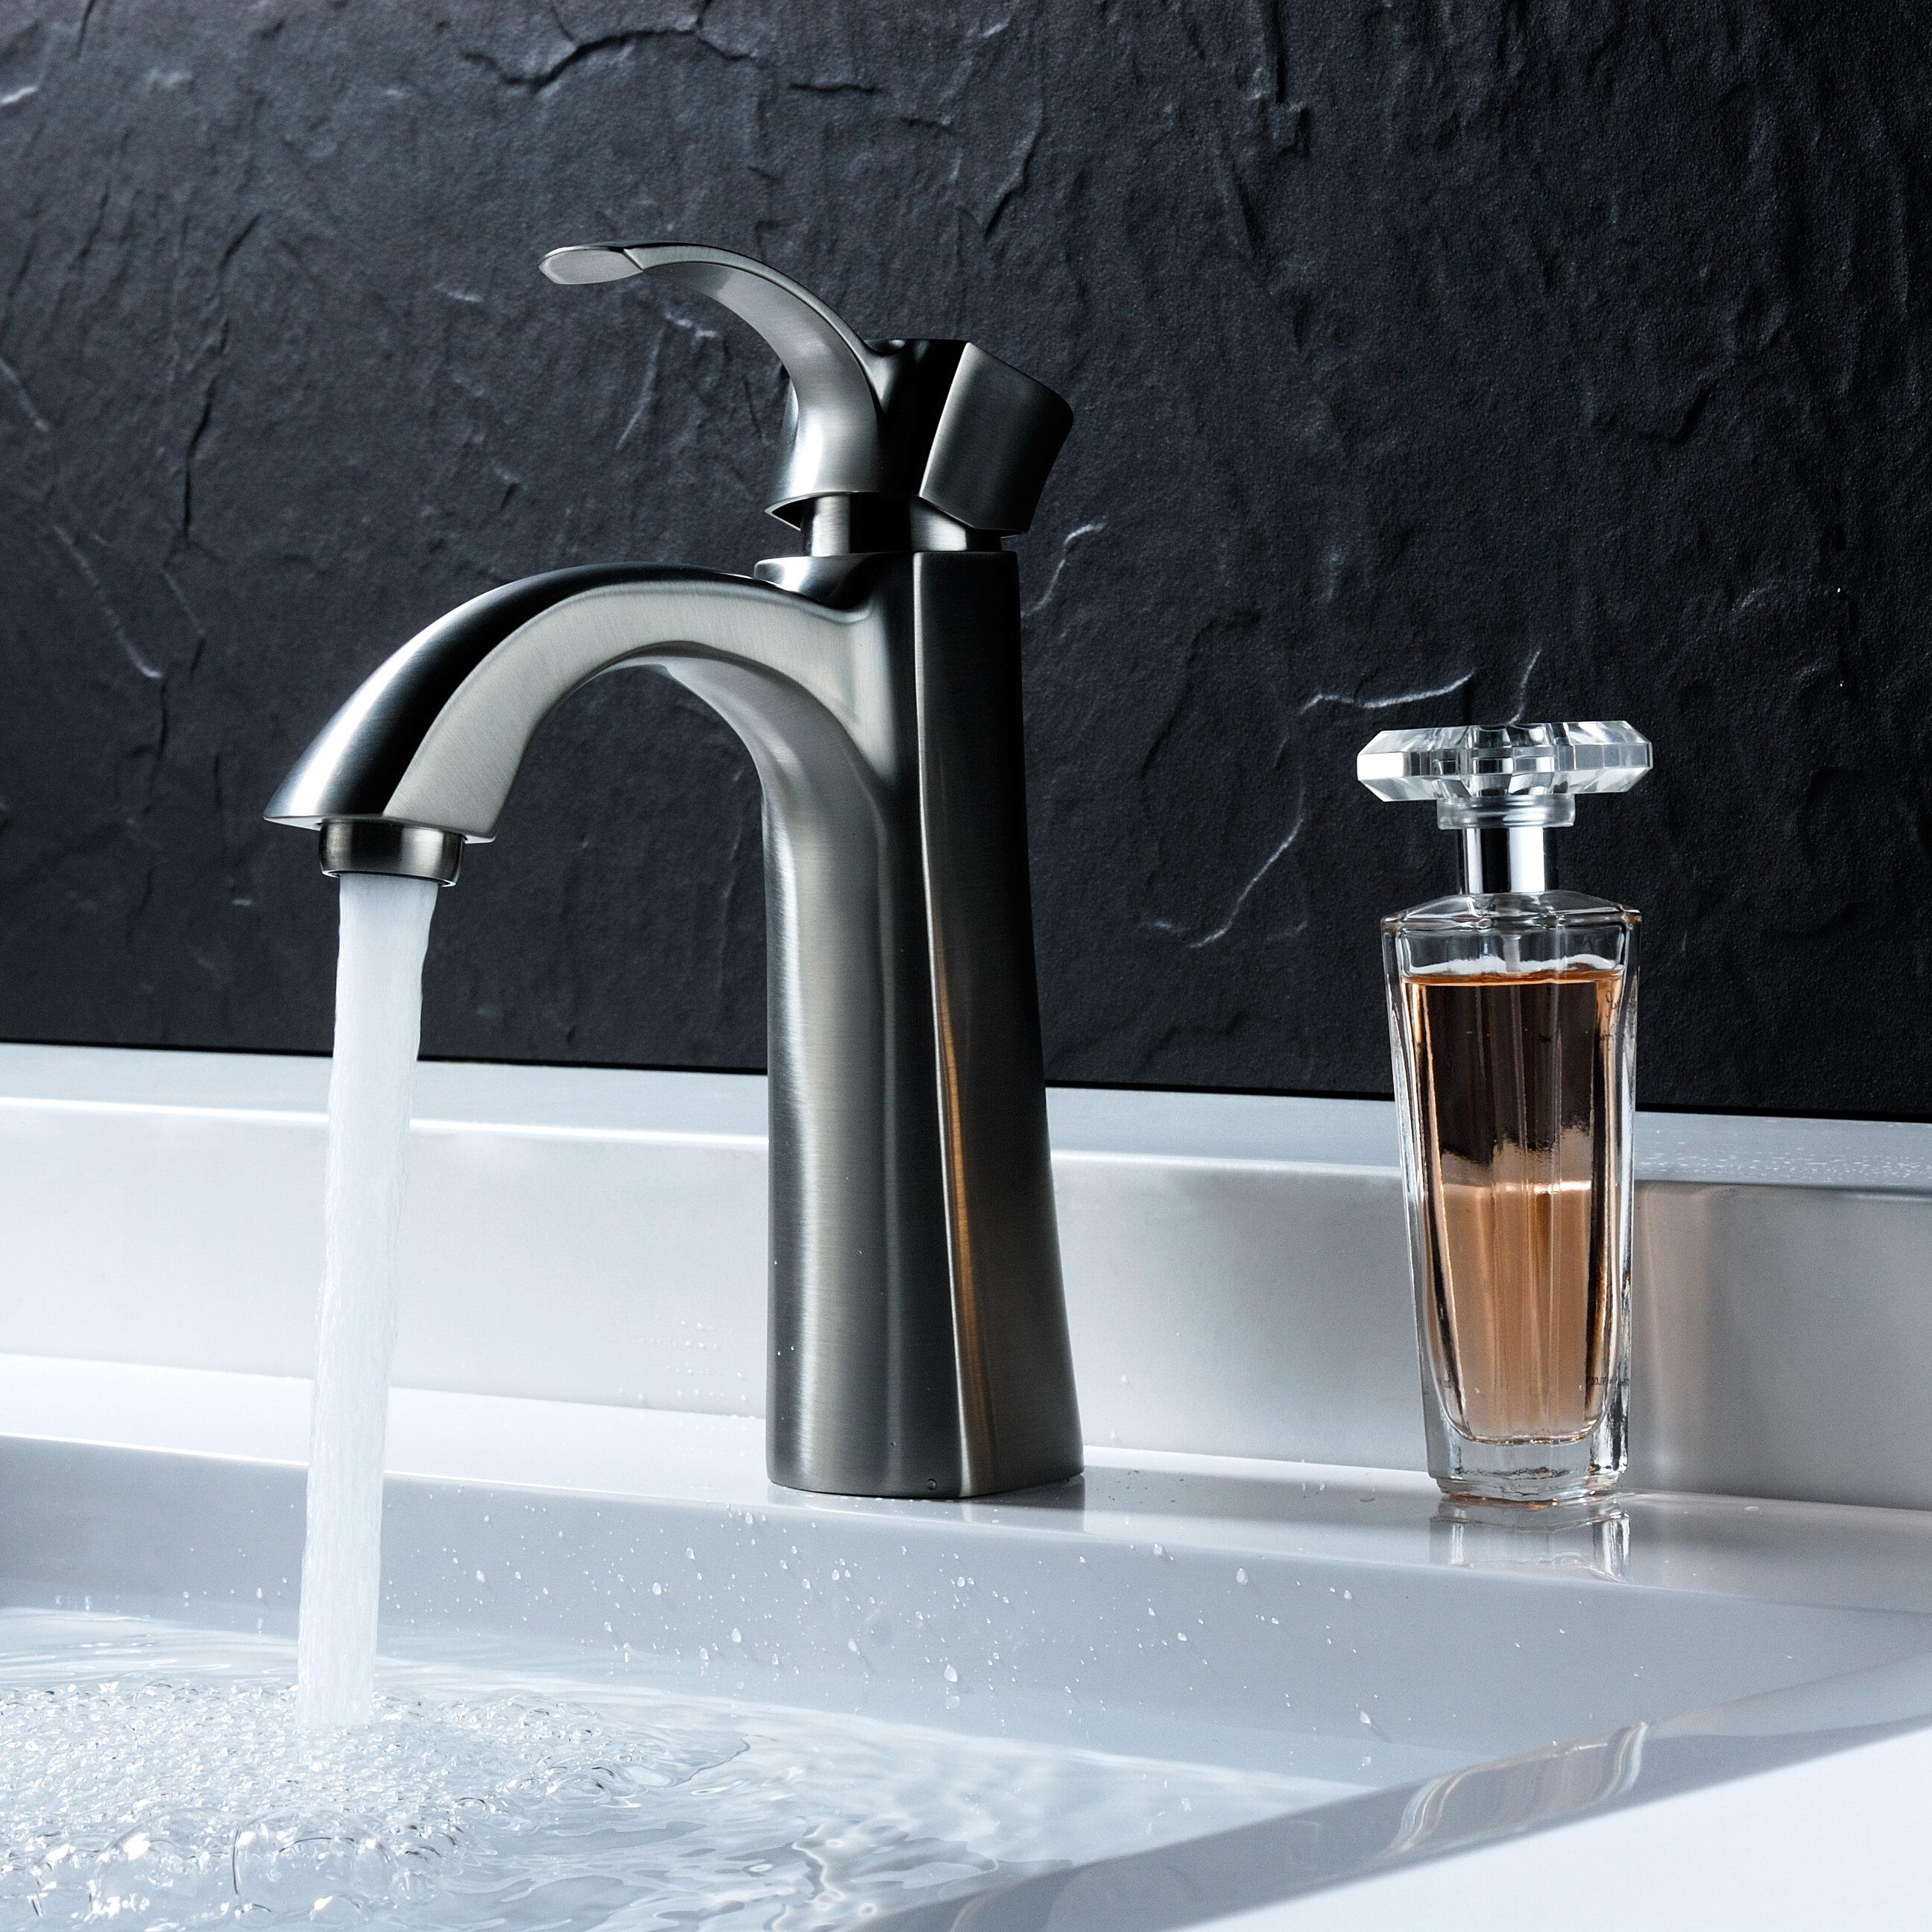 ANZZI Rhythm Single Hole Bathroom Faucet with Drain Assembly | Wayfair